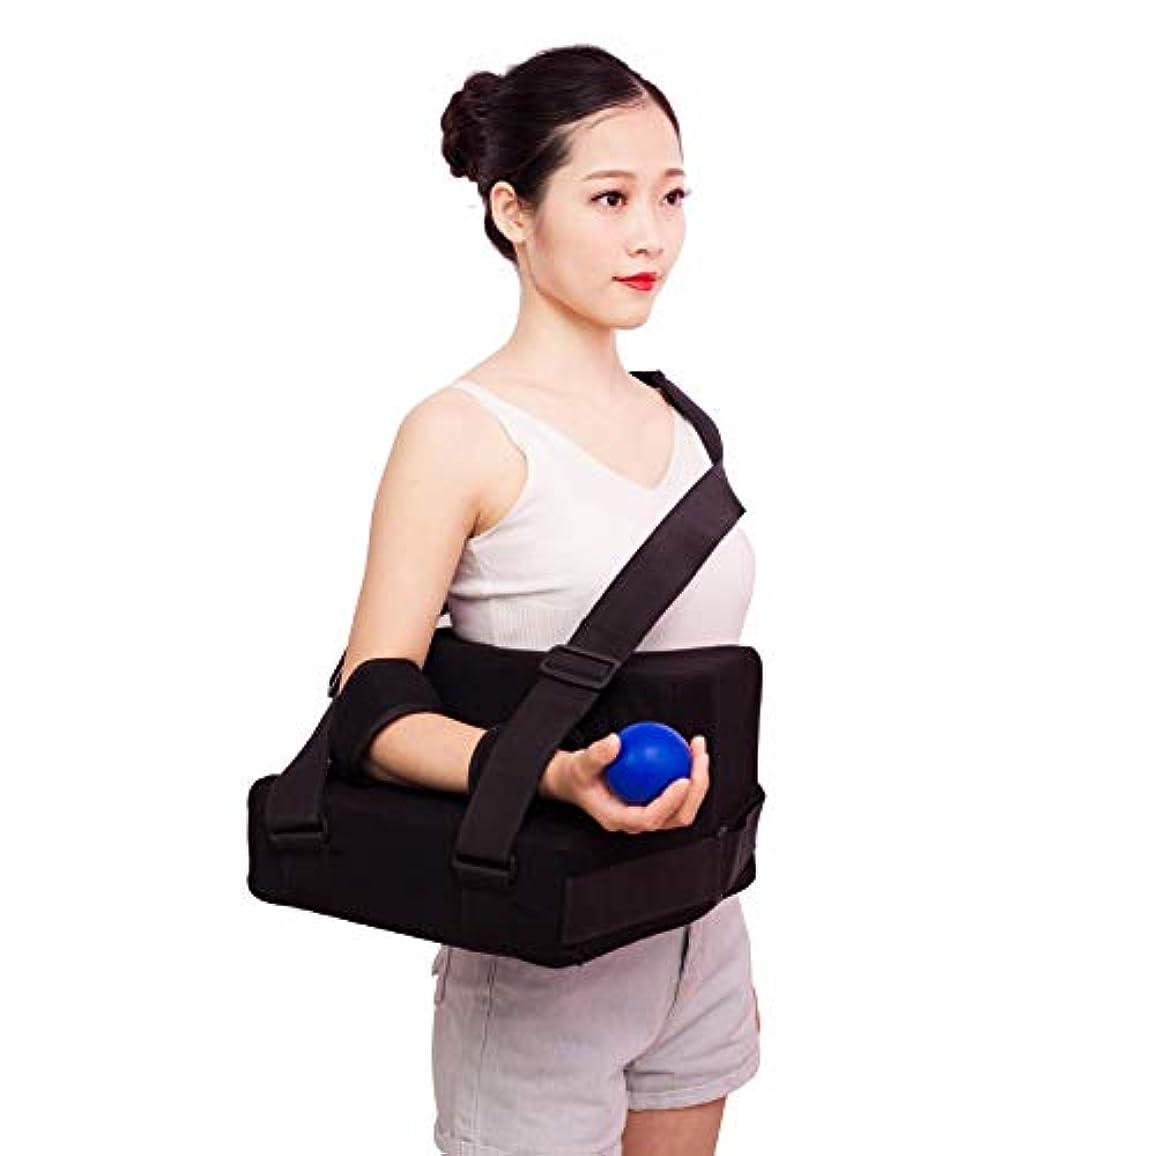 同封する魔法揃える枕付き肩外転スリング、肩アームイモビライザーには、ポケットストラップ、回旋腱板用のストレスボール、手術および骨折した腕が含まれます,Left